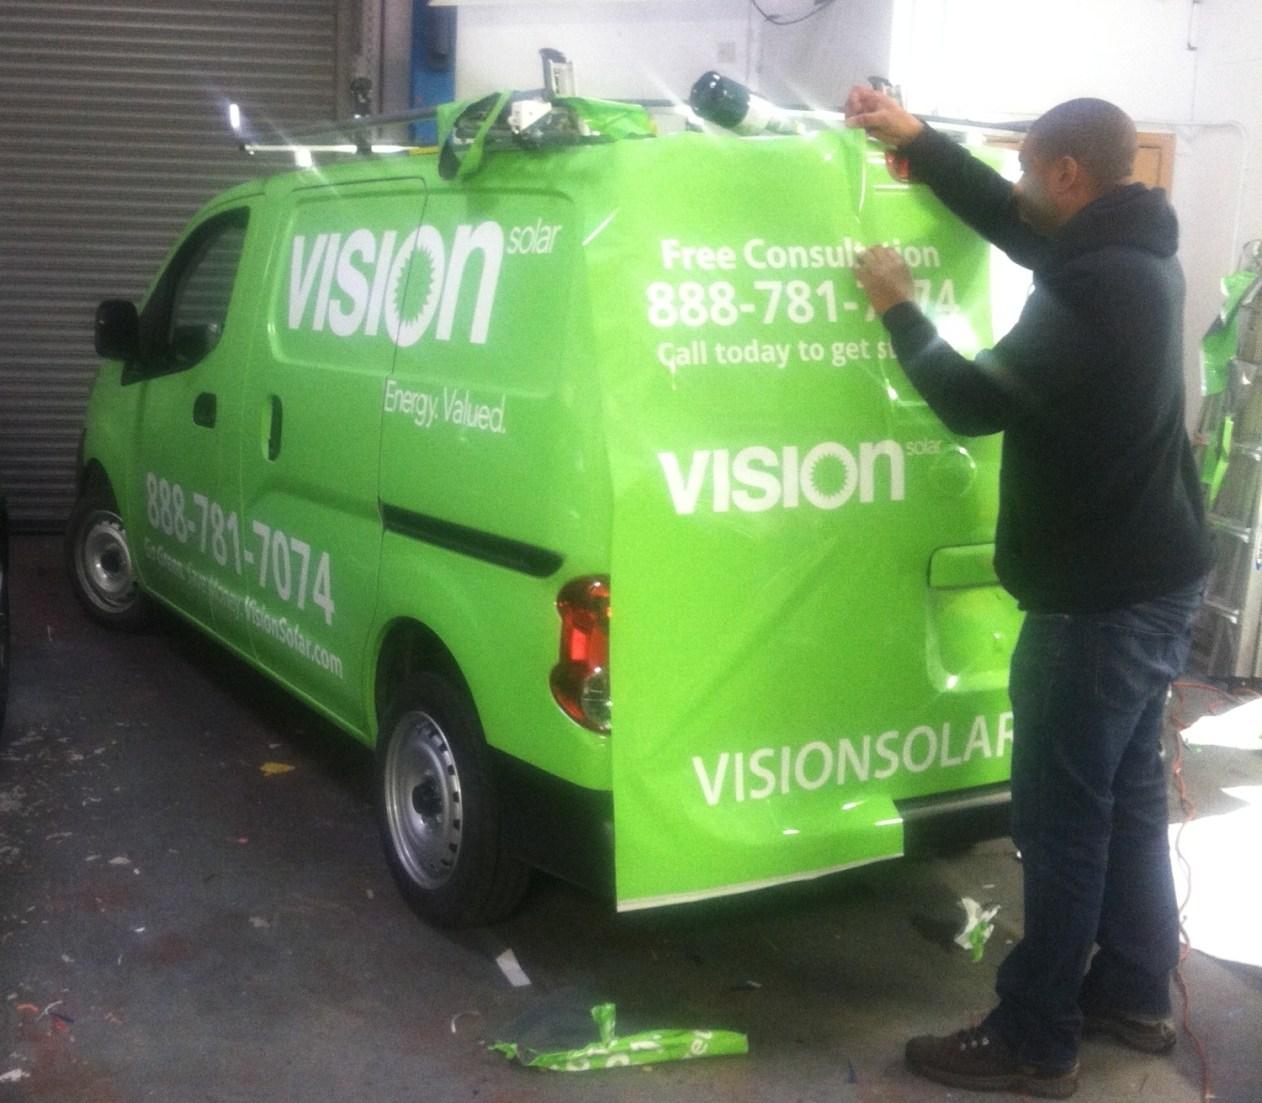 Vision Solar Car Wrap-04